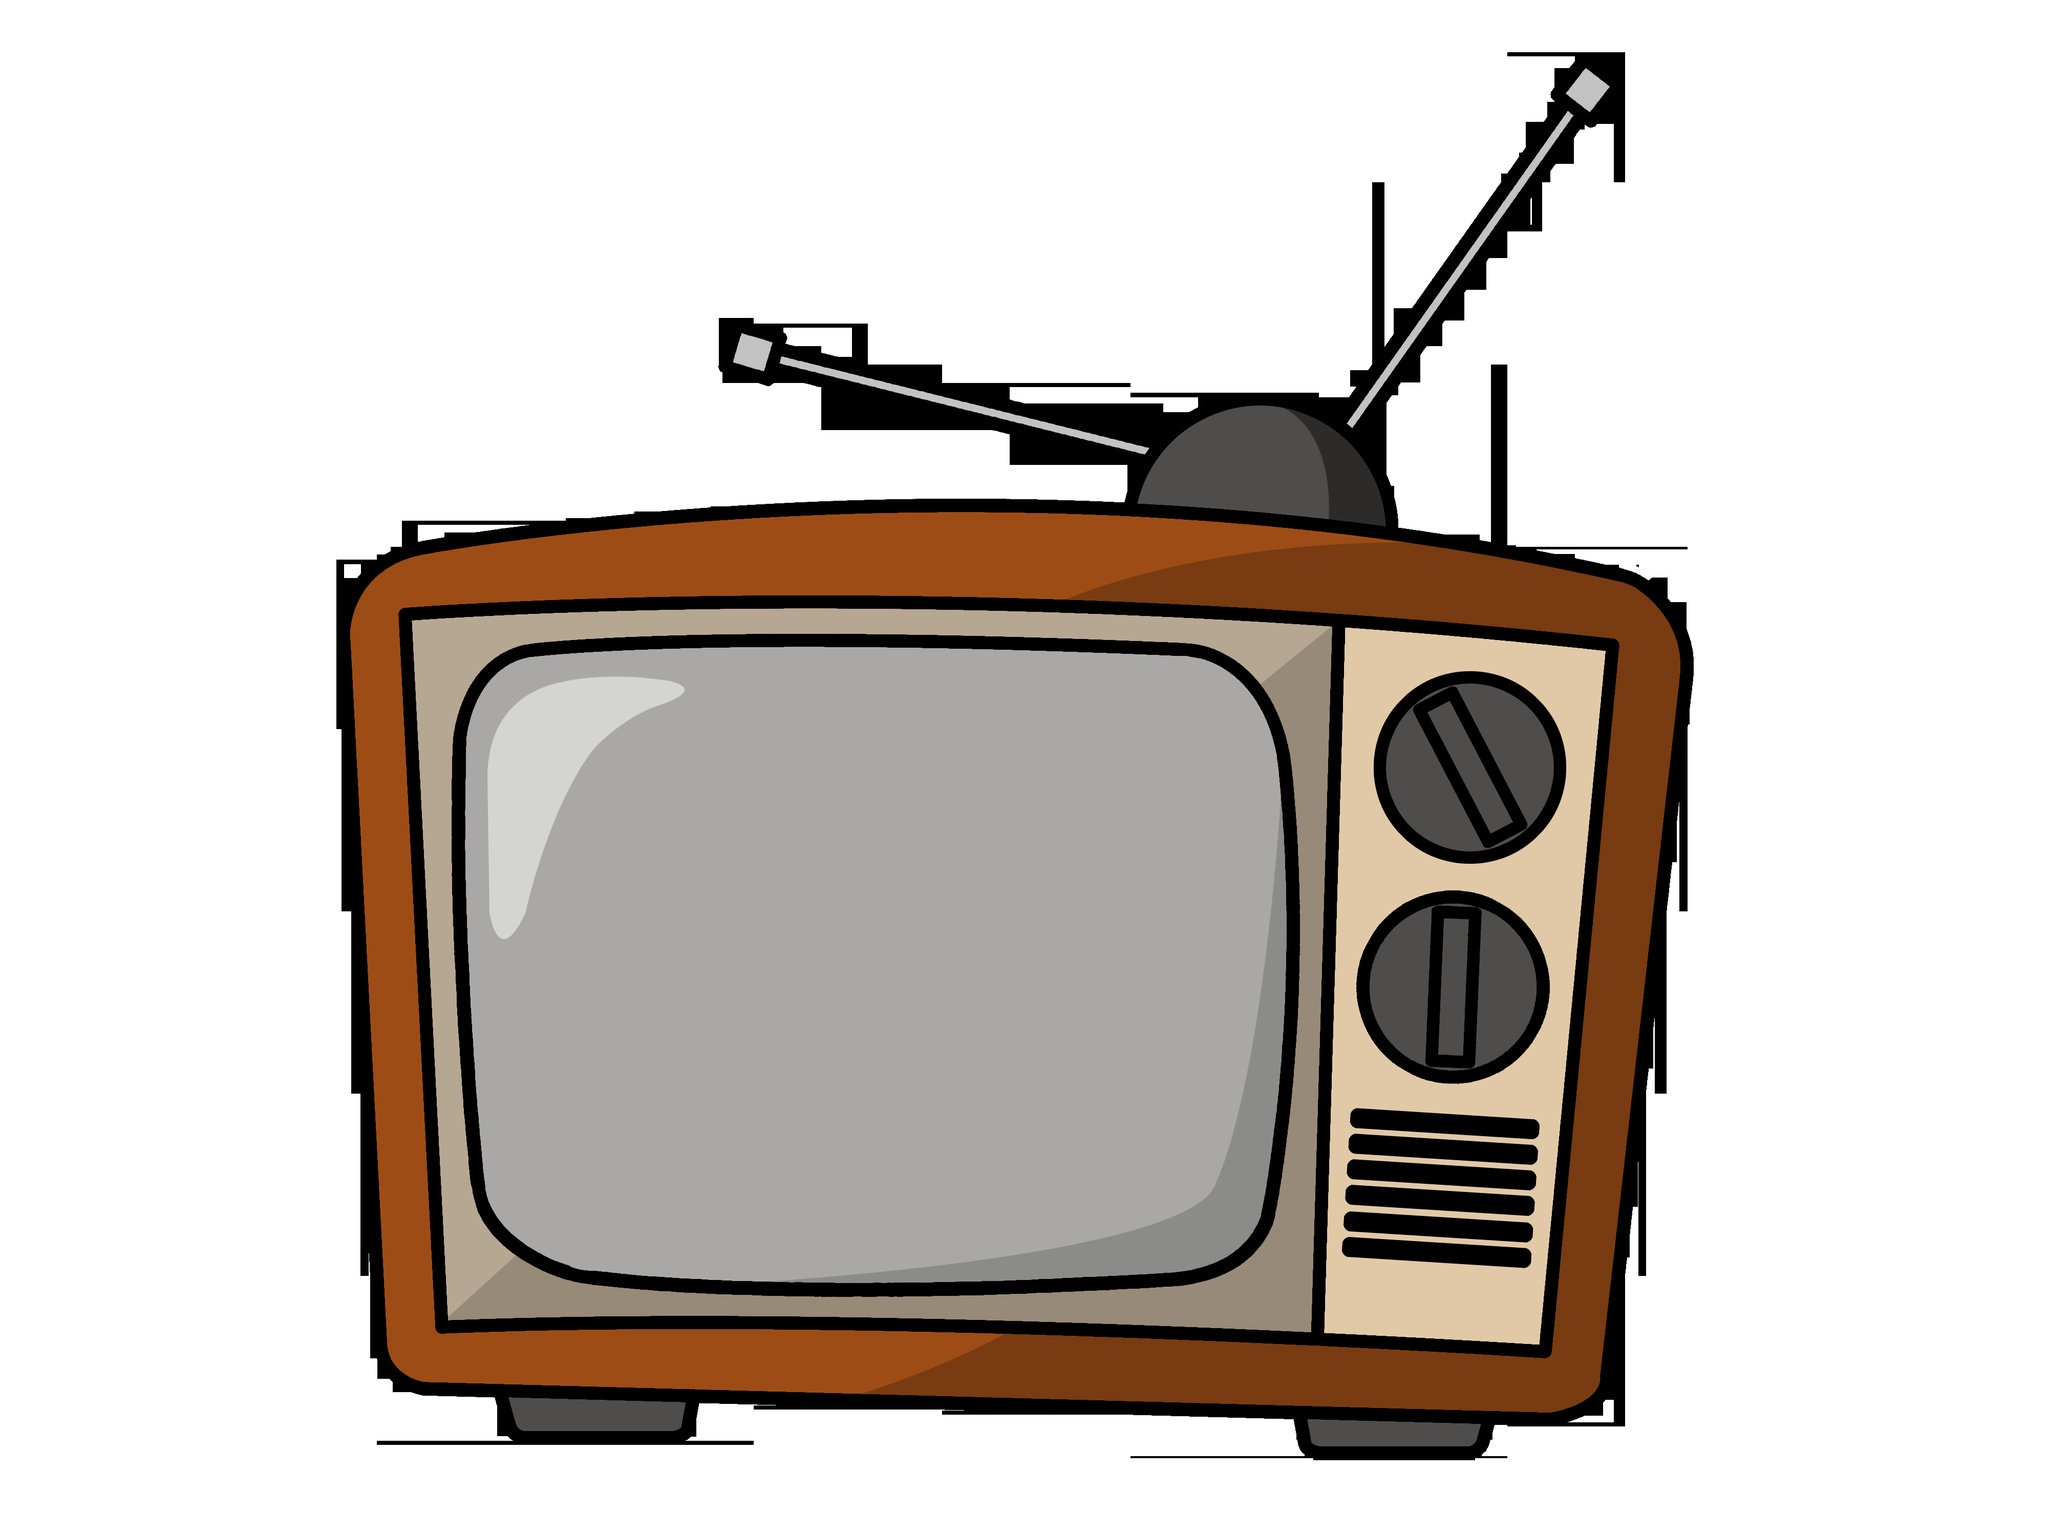 Телевидение картинки для детей нарисованные